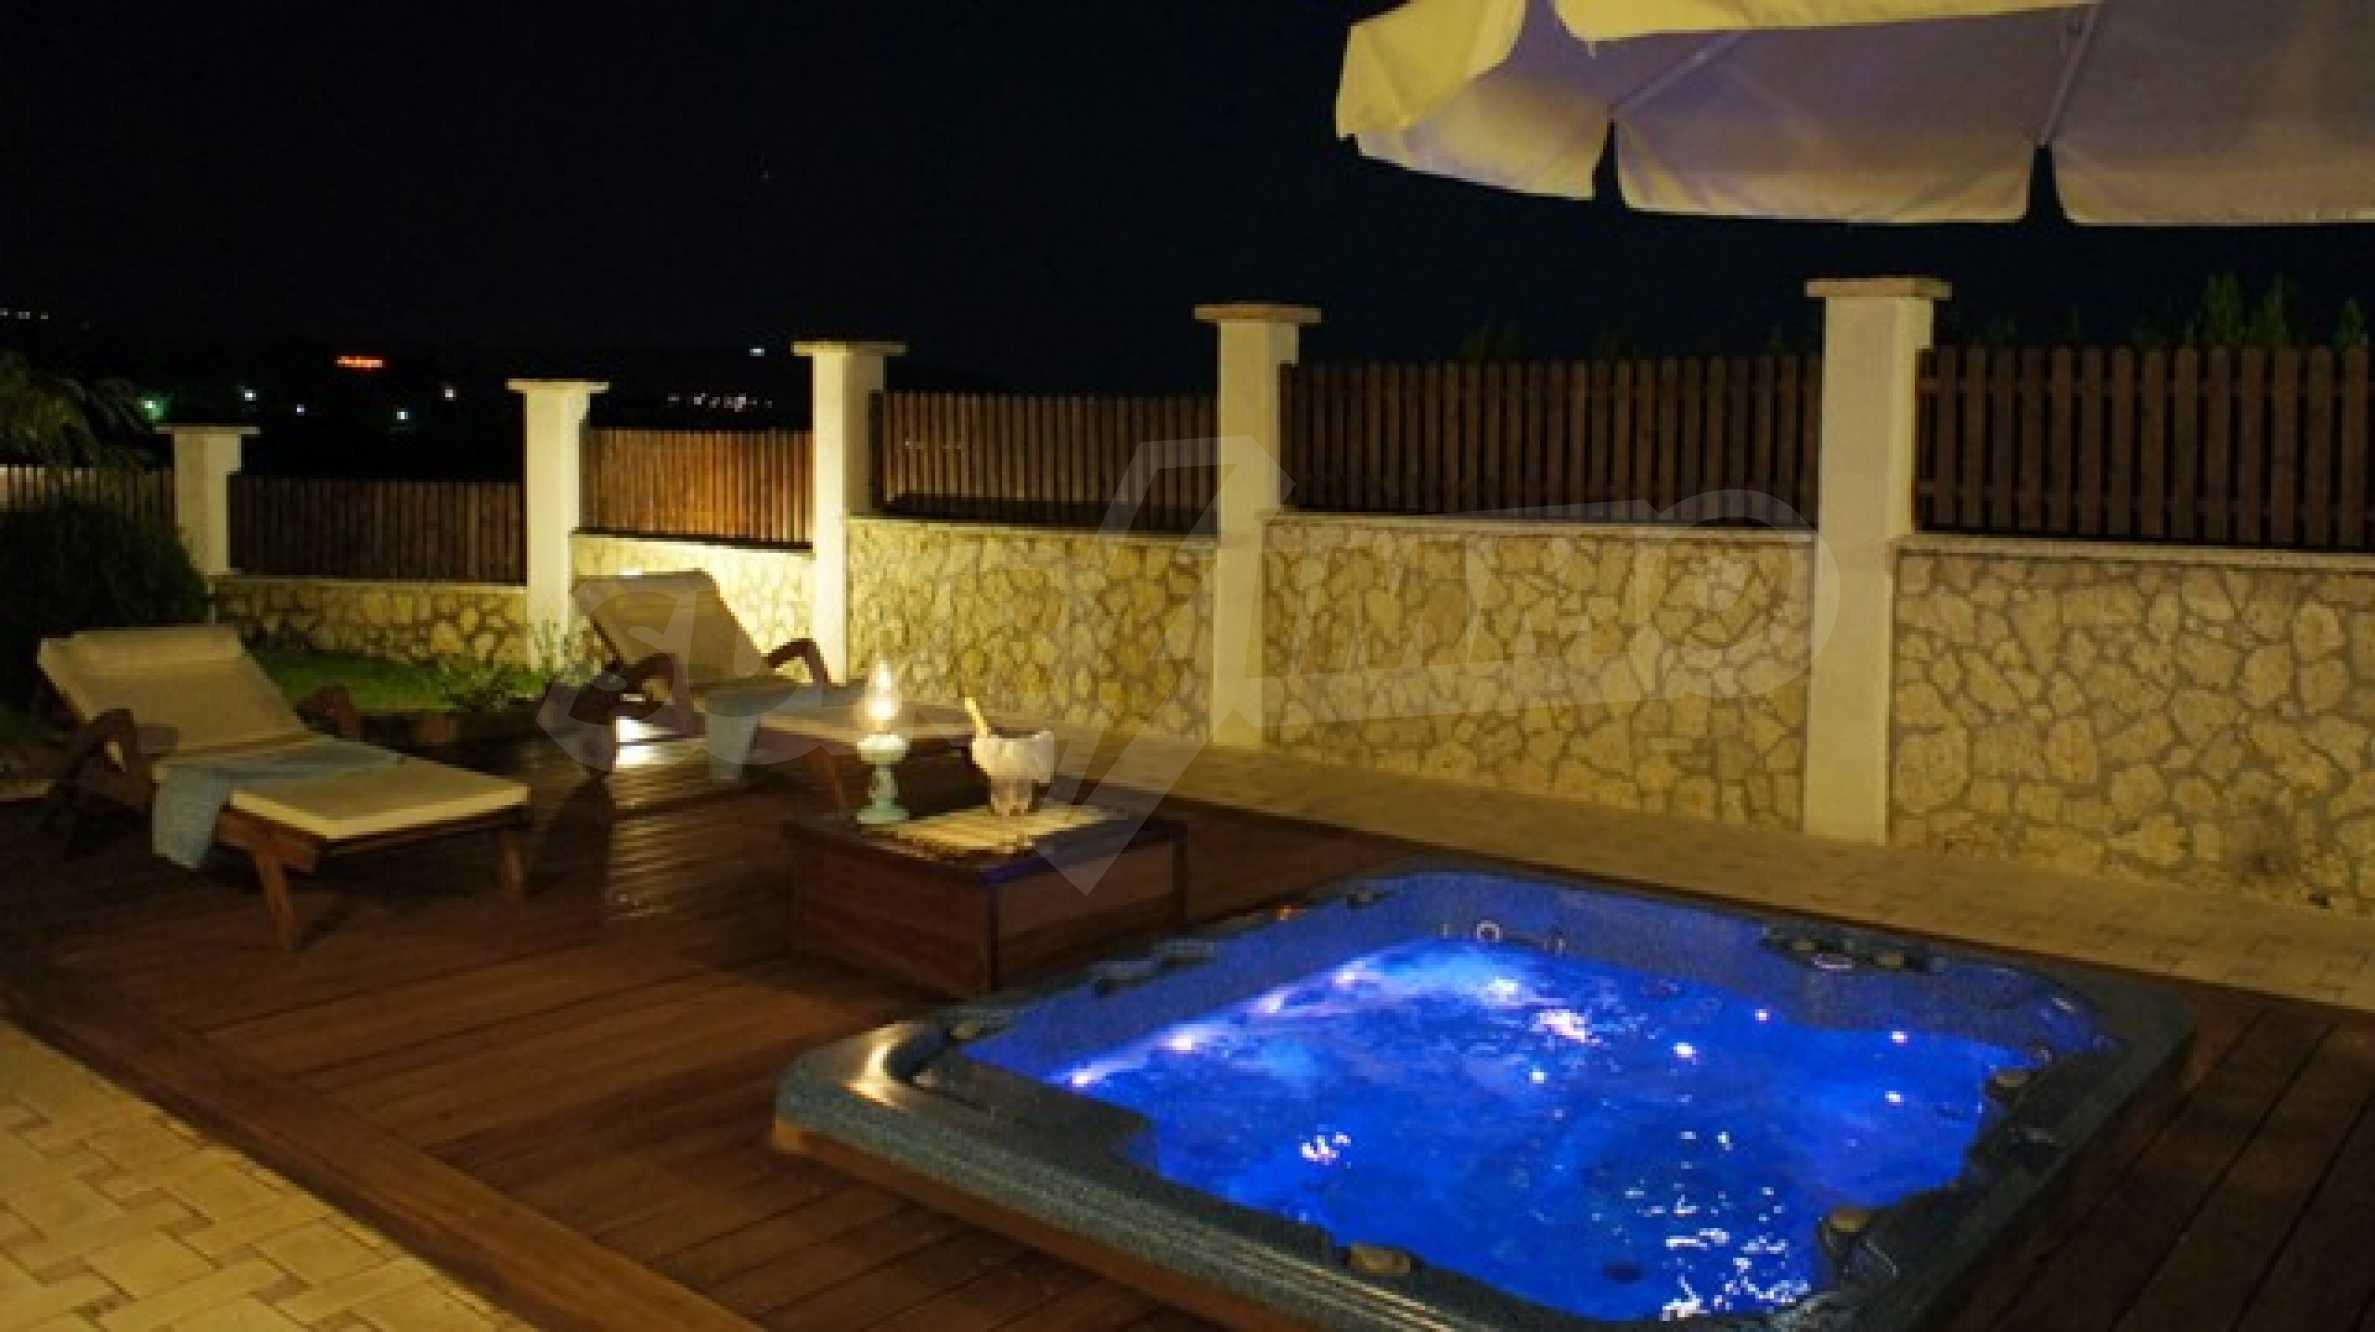 Mediterraner Stil - Luxus zum Sonderpreis 58